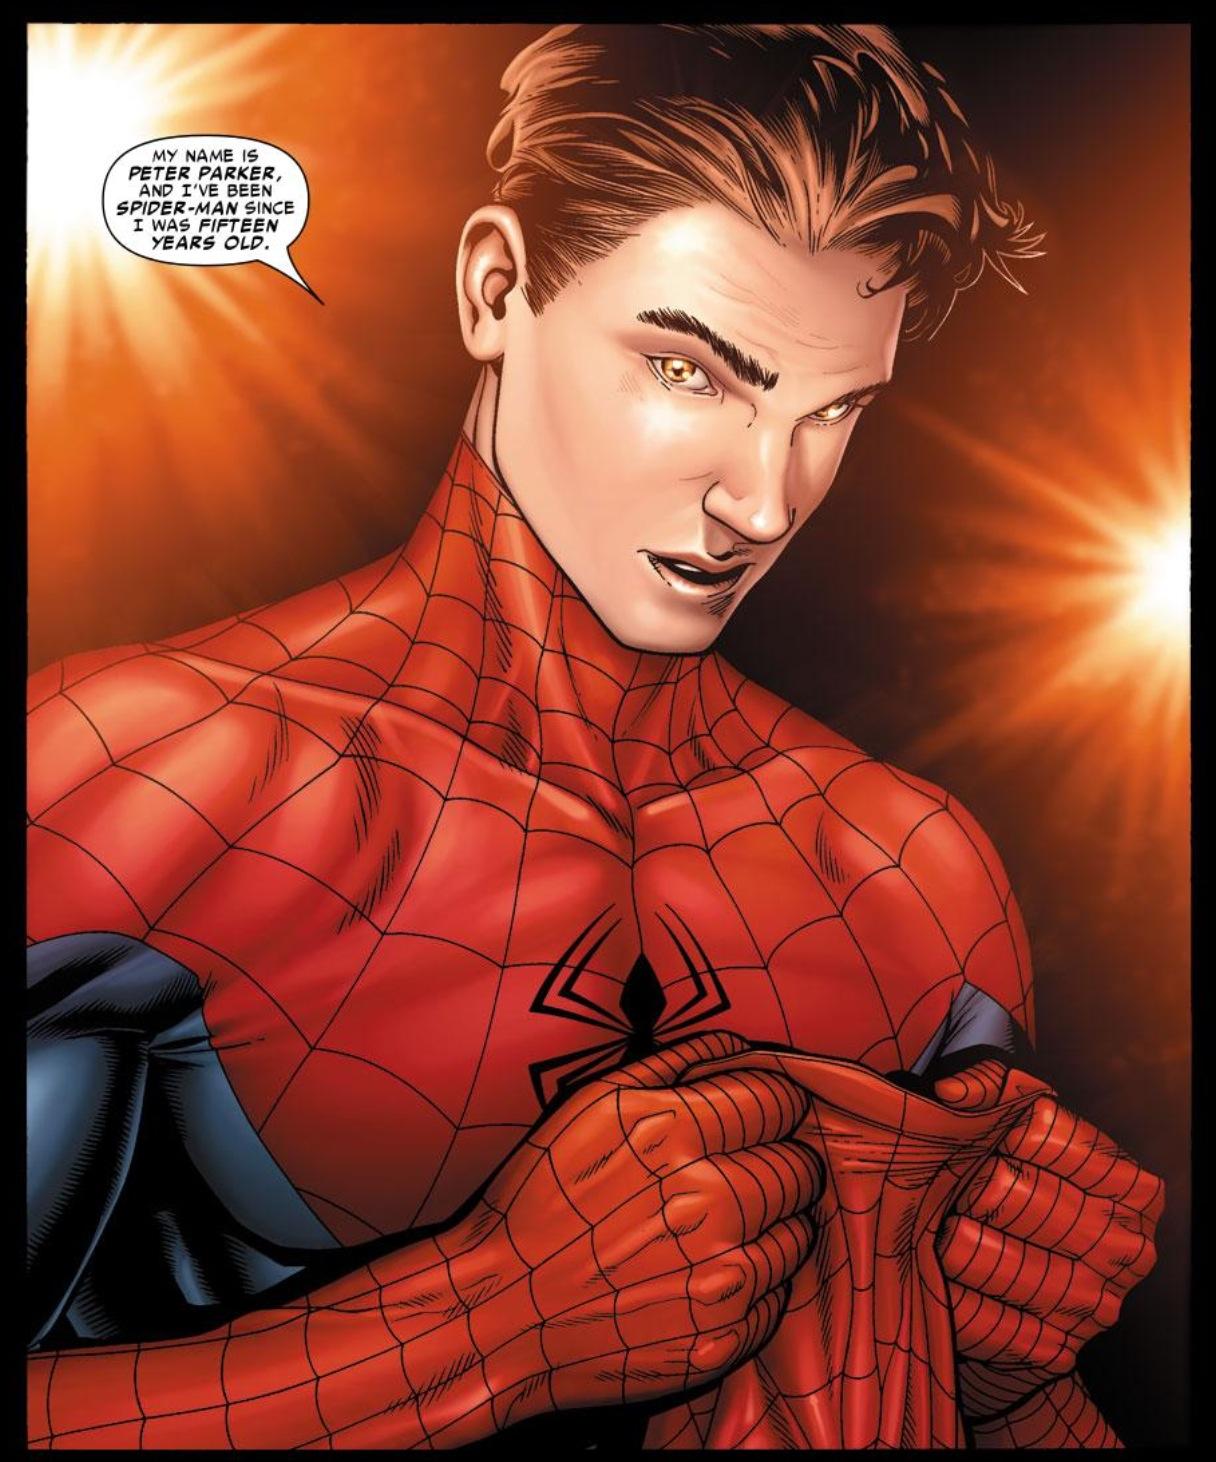 Spider-man si toglie la maschera